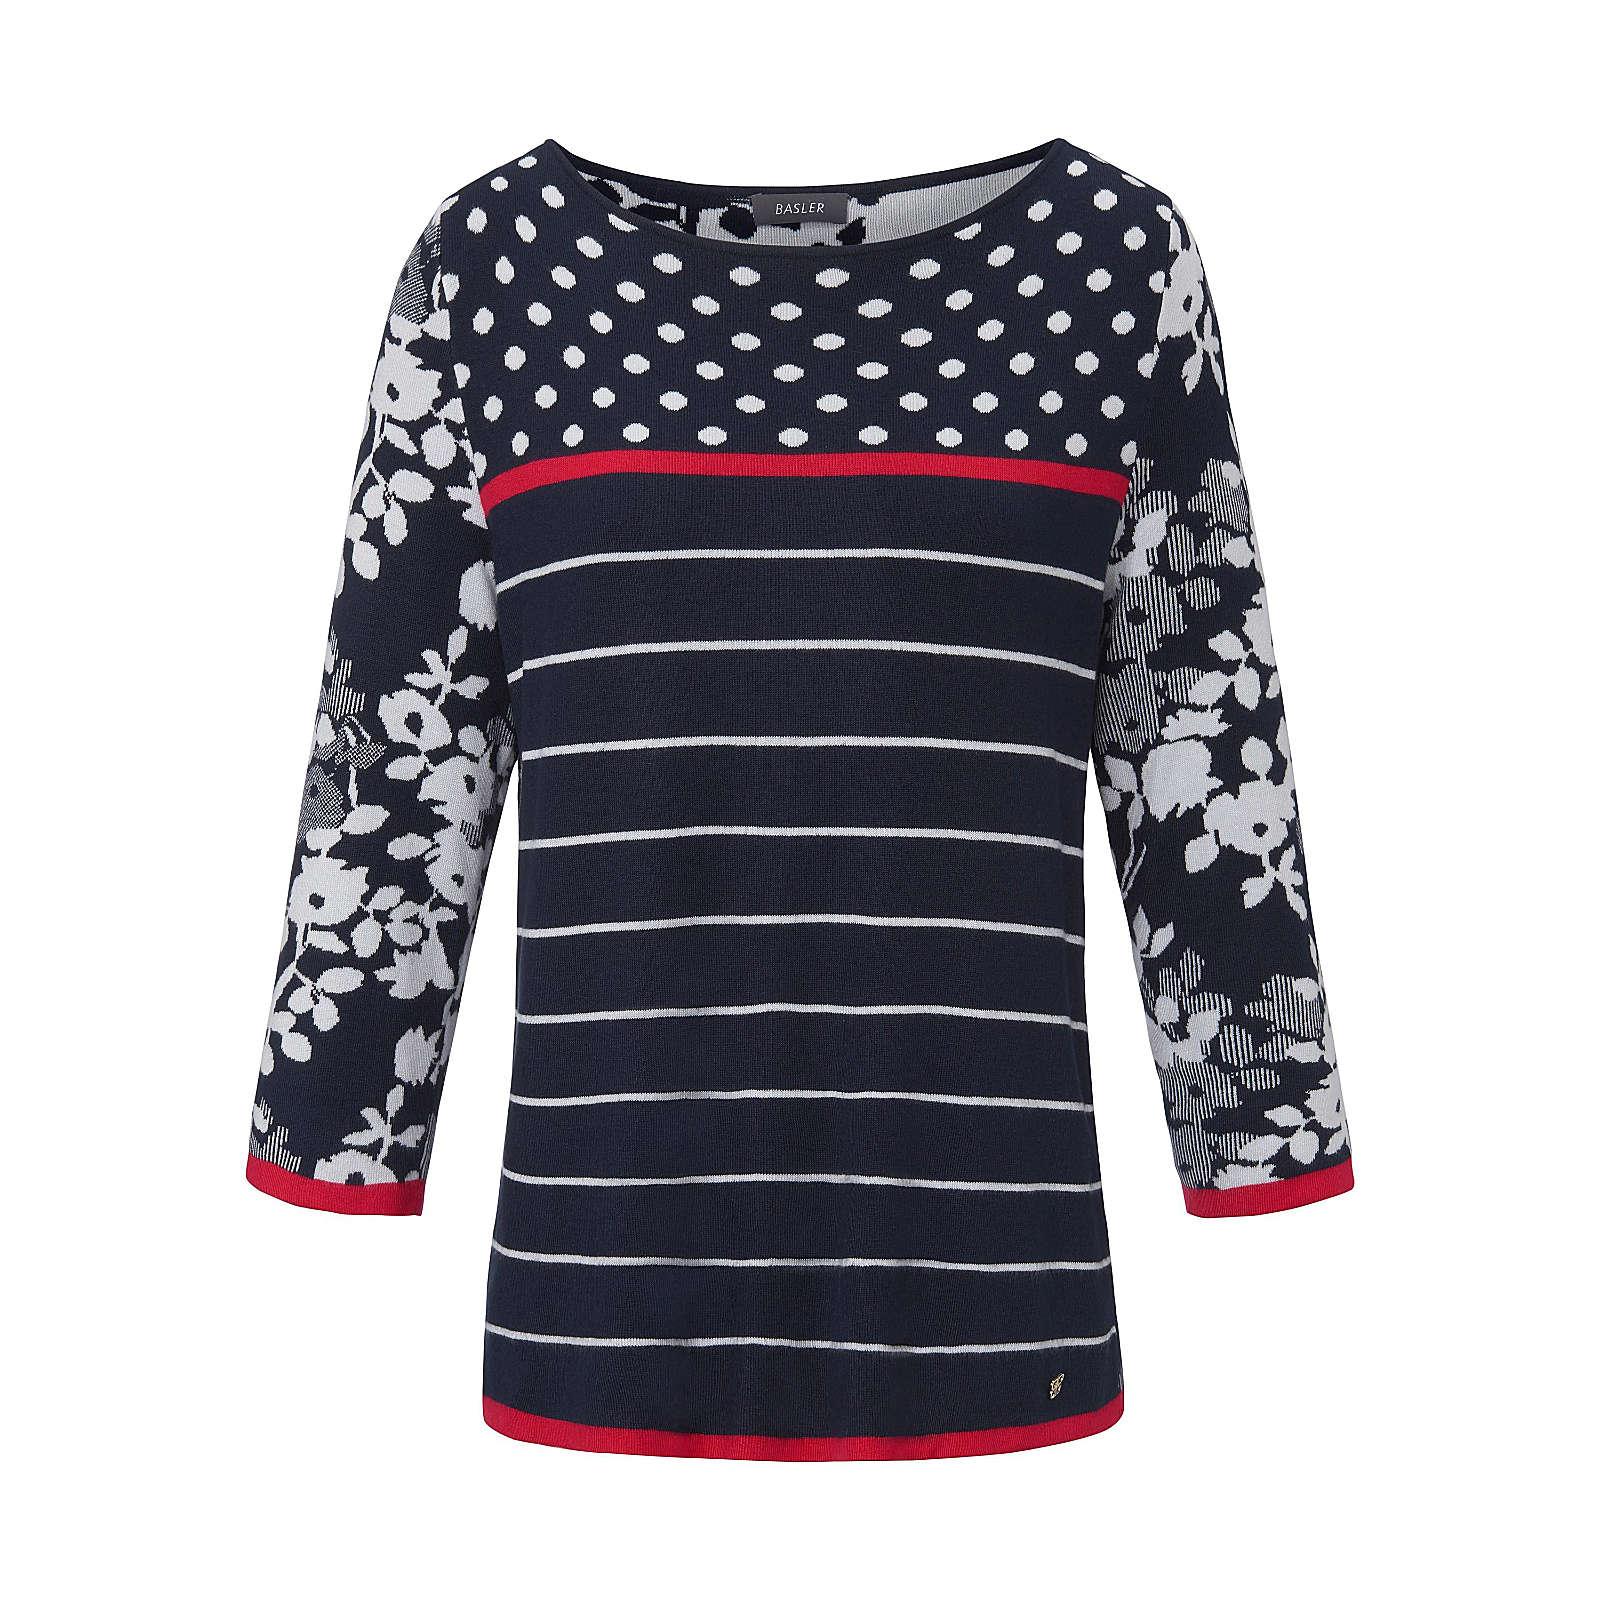 BASLER Rundhals-Pullover Rundhals-Pullover mit 3/4-Arm Pullover blau Damen Gr. 42